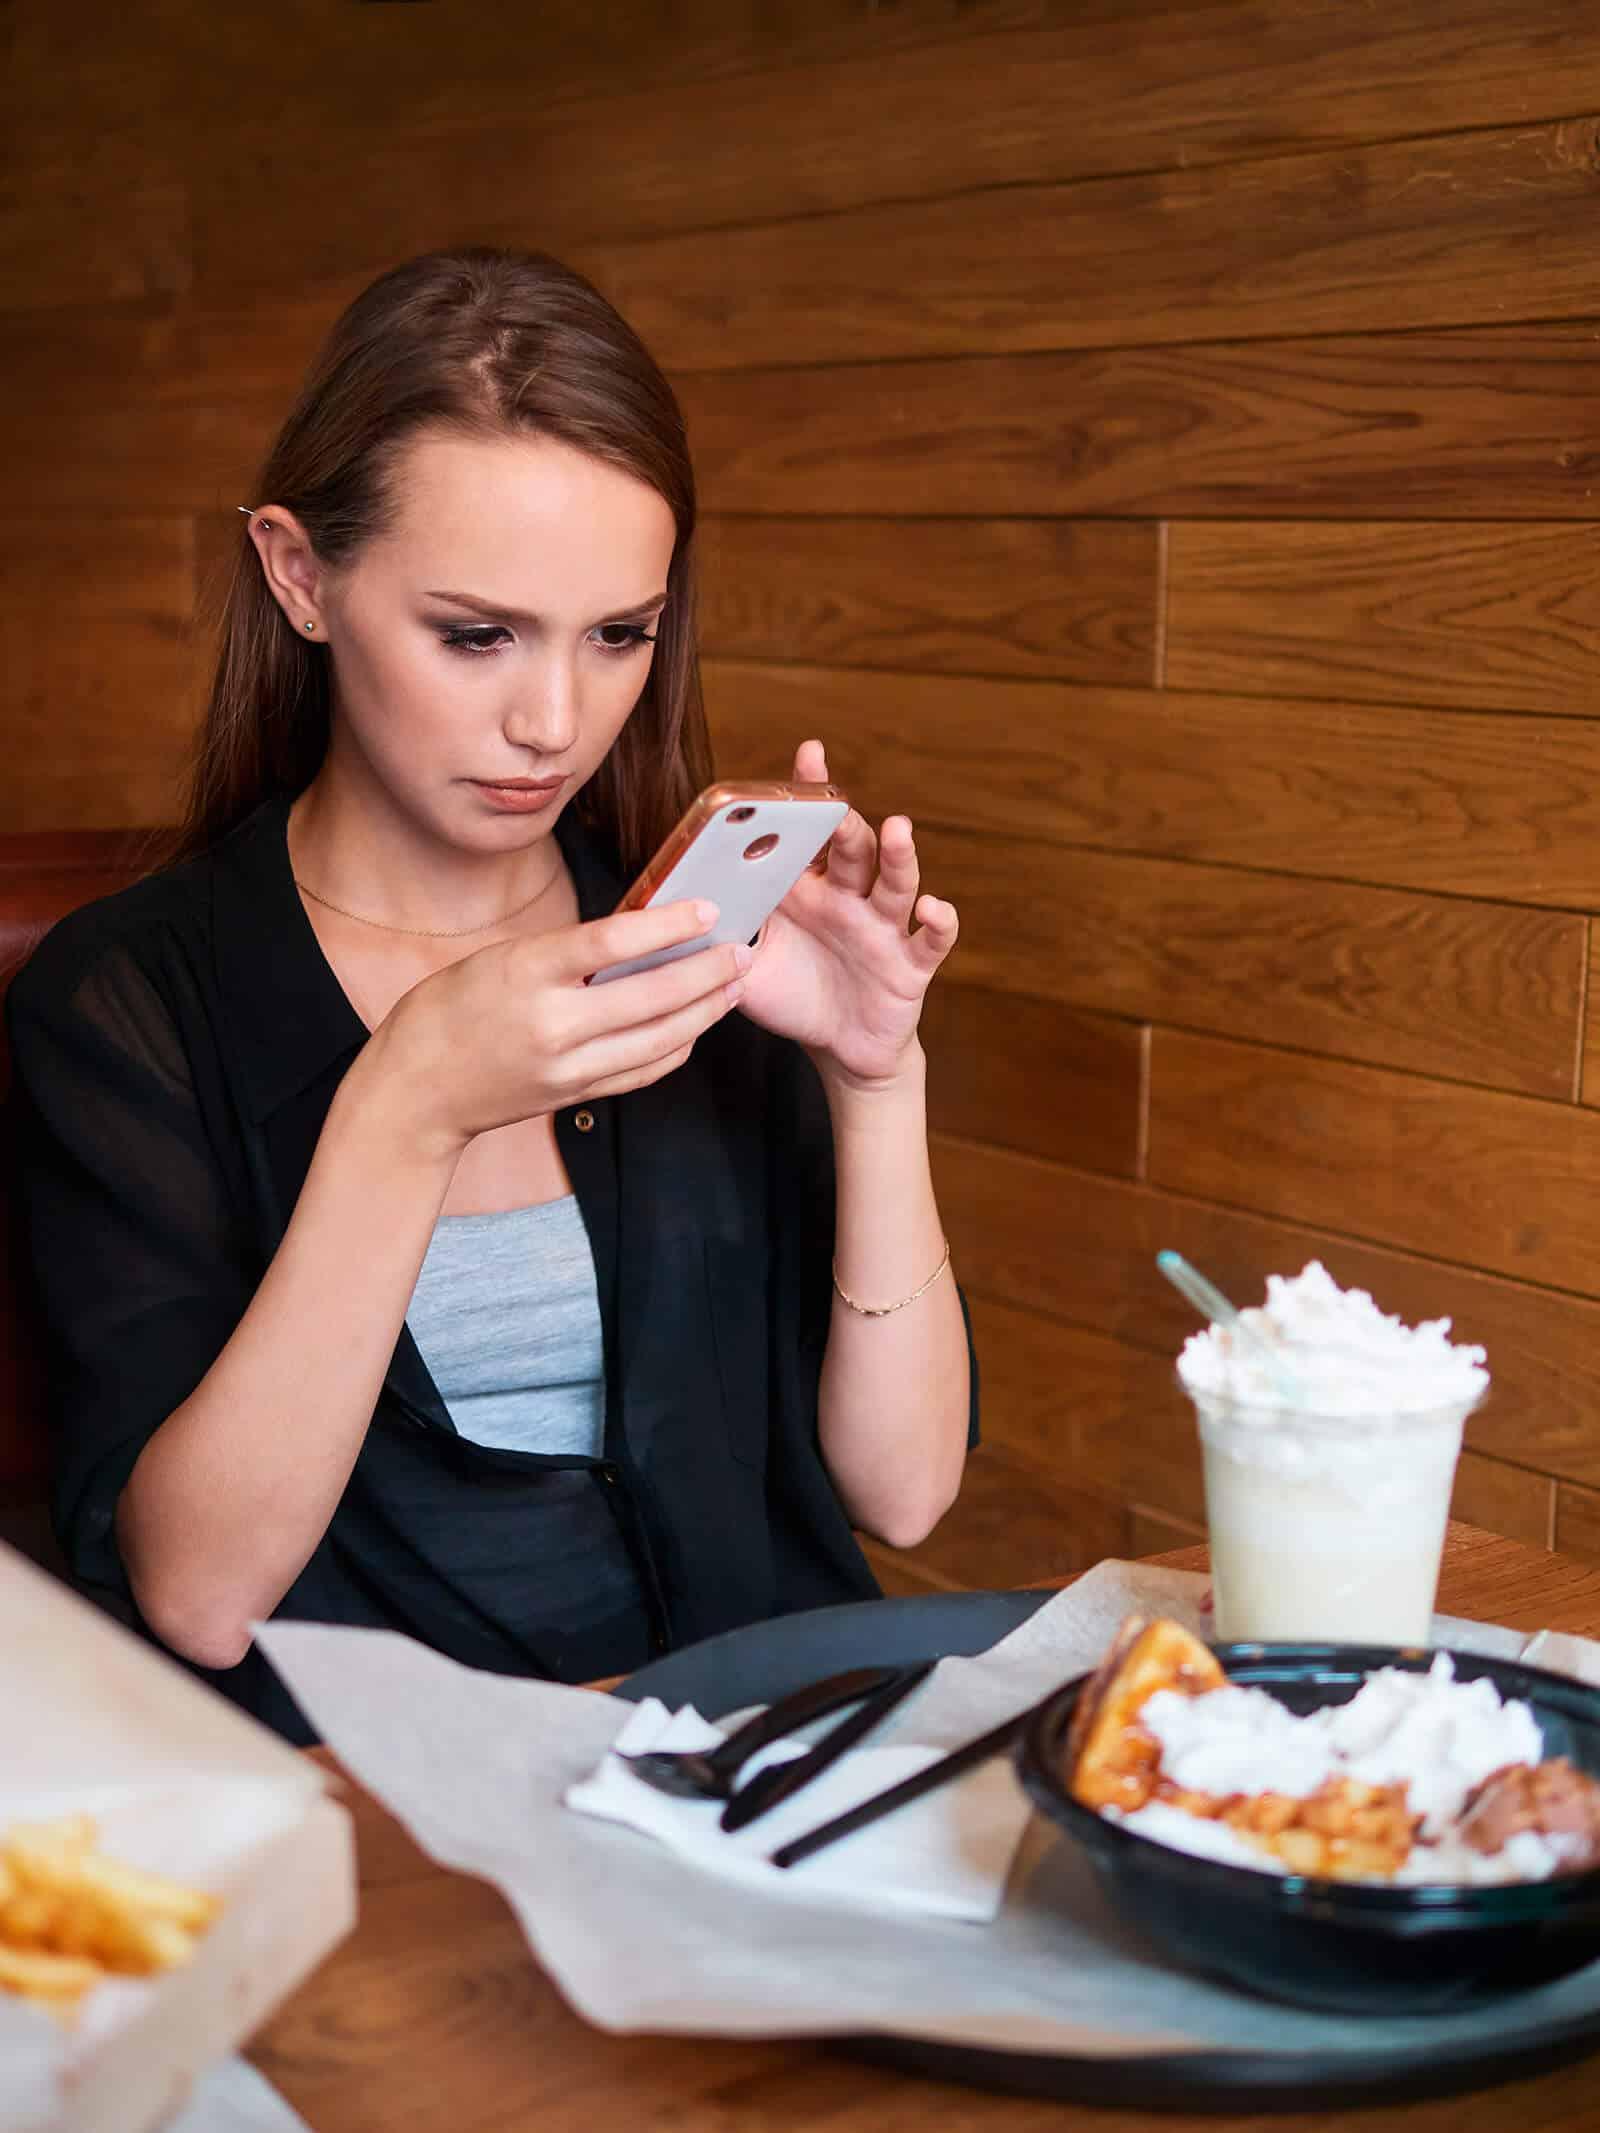 foodizadai gastronomia y redes sociales